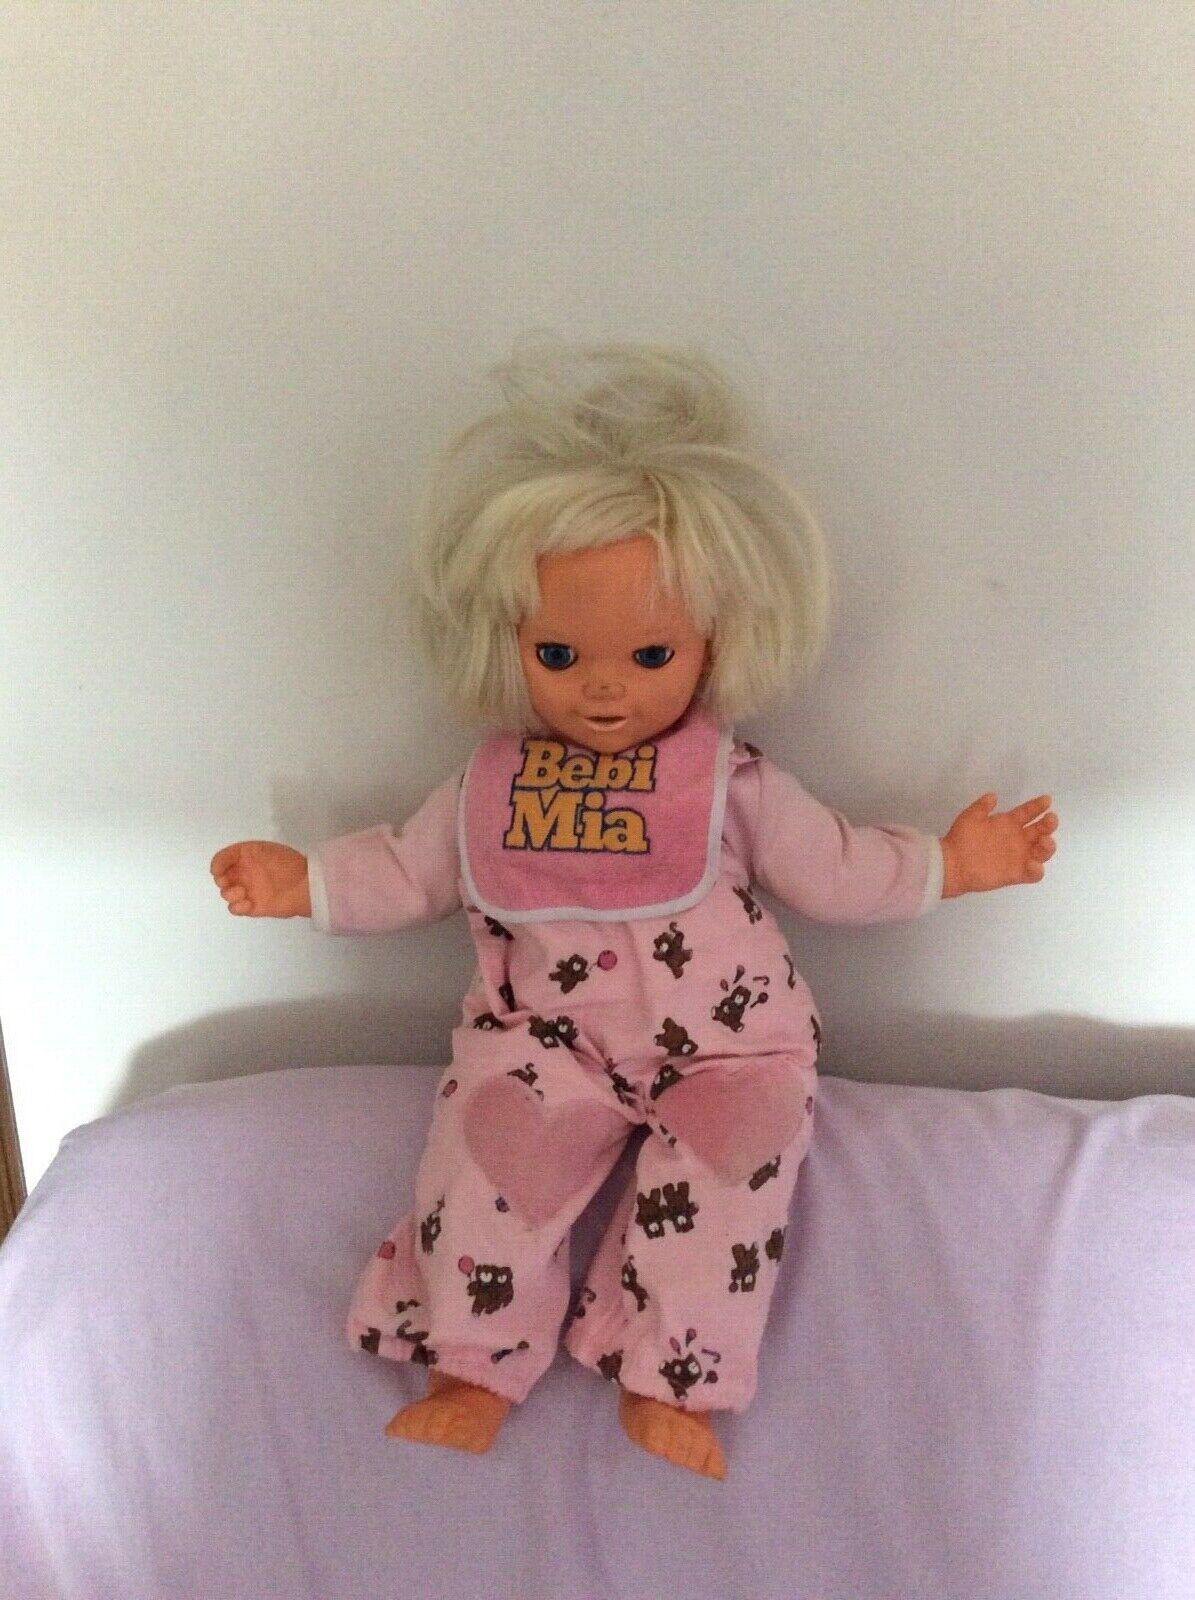 Rarissima bambola bebi mia galoob 1986 vintage originale da collezione